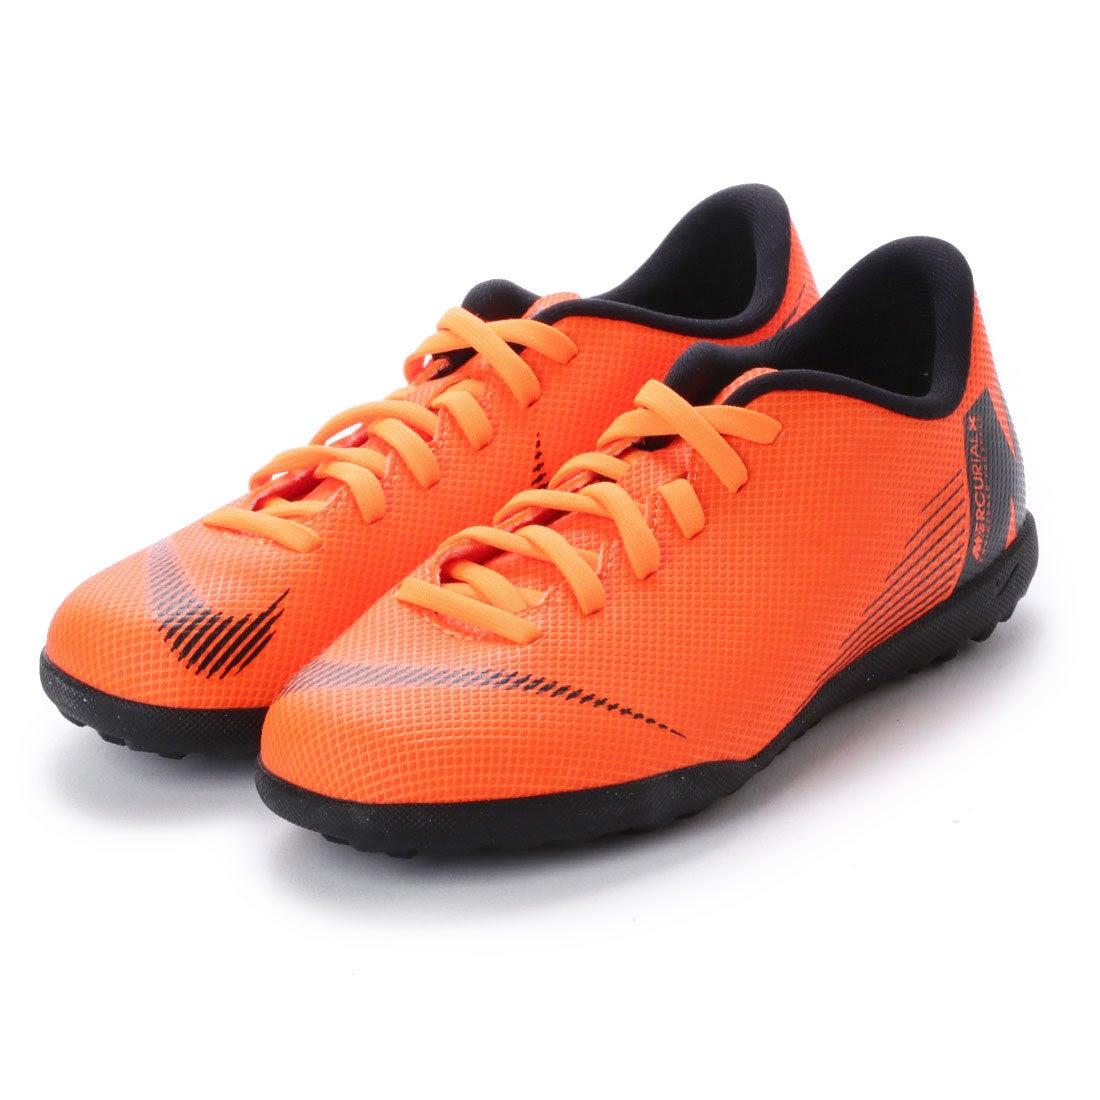 【SALE 10%OFF】ナイキ NIKE ジュニア サッカー トレーニングシューズ ヴェイパー X 12 クラブ GS TF AH7355810